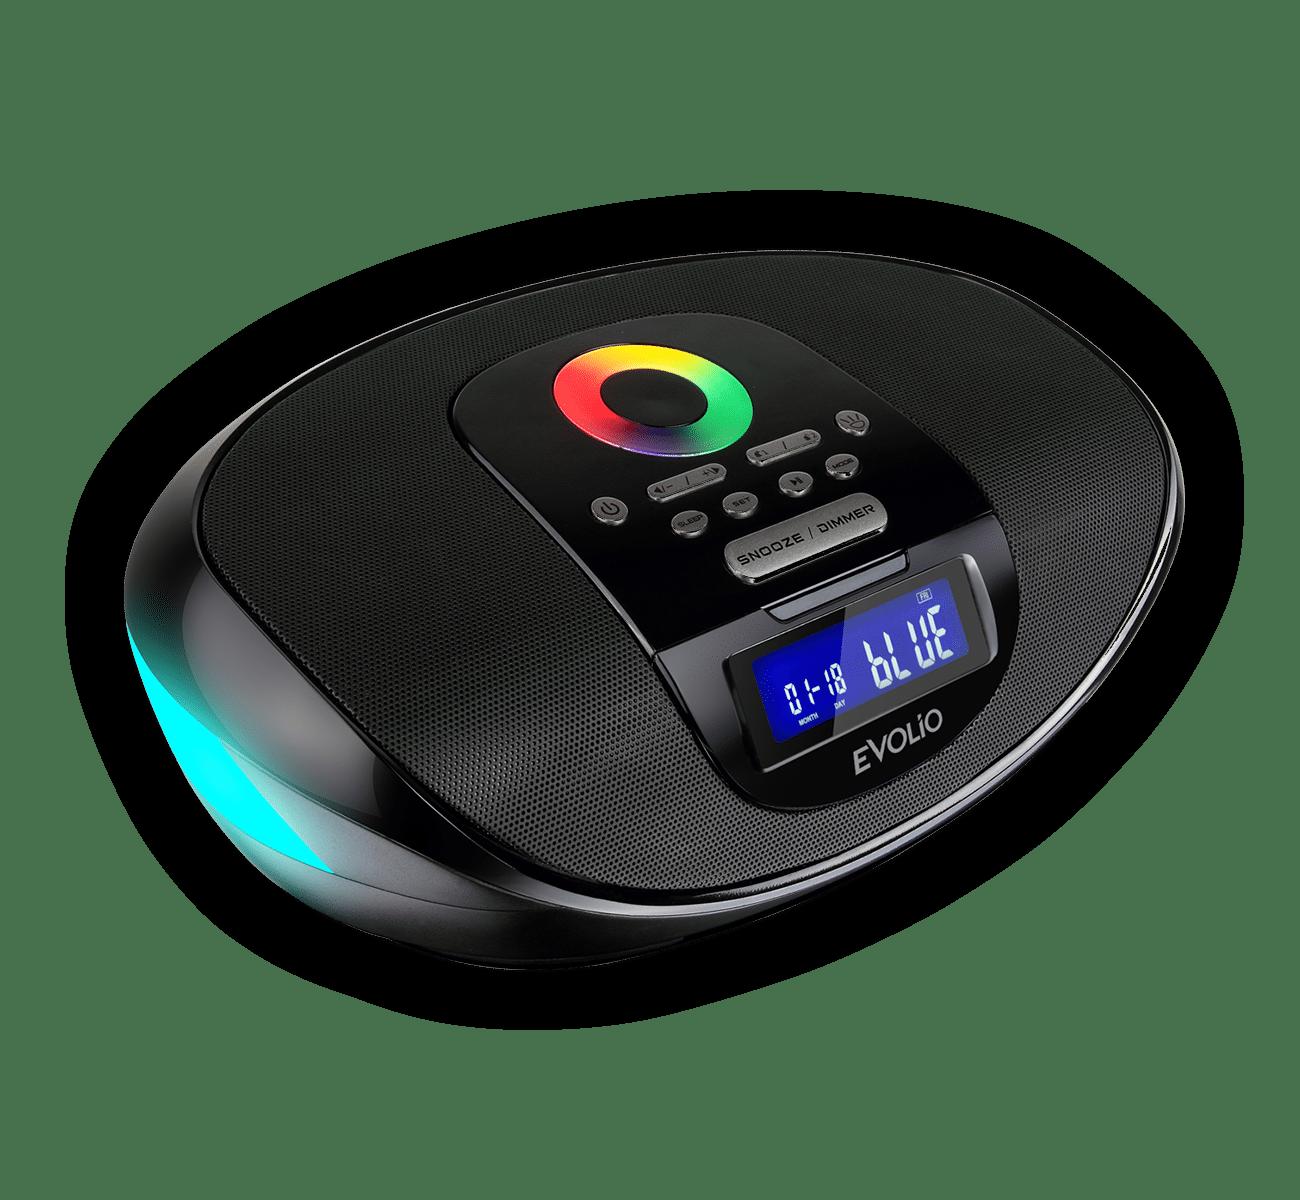 Evolio introduce gama de soluții audio wireless Xound, cu sunet de înaltă fidelitate